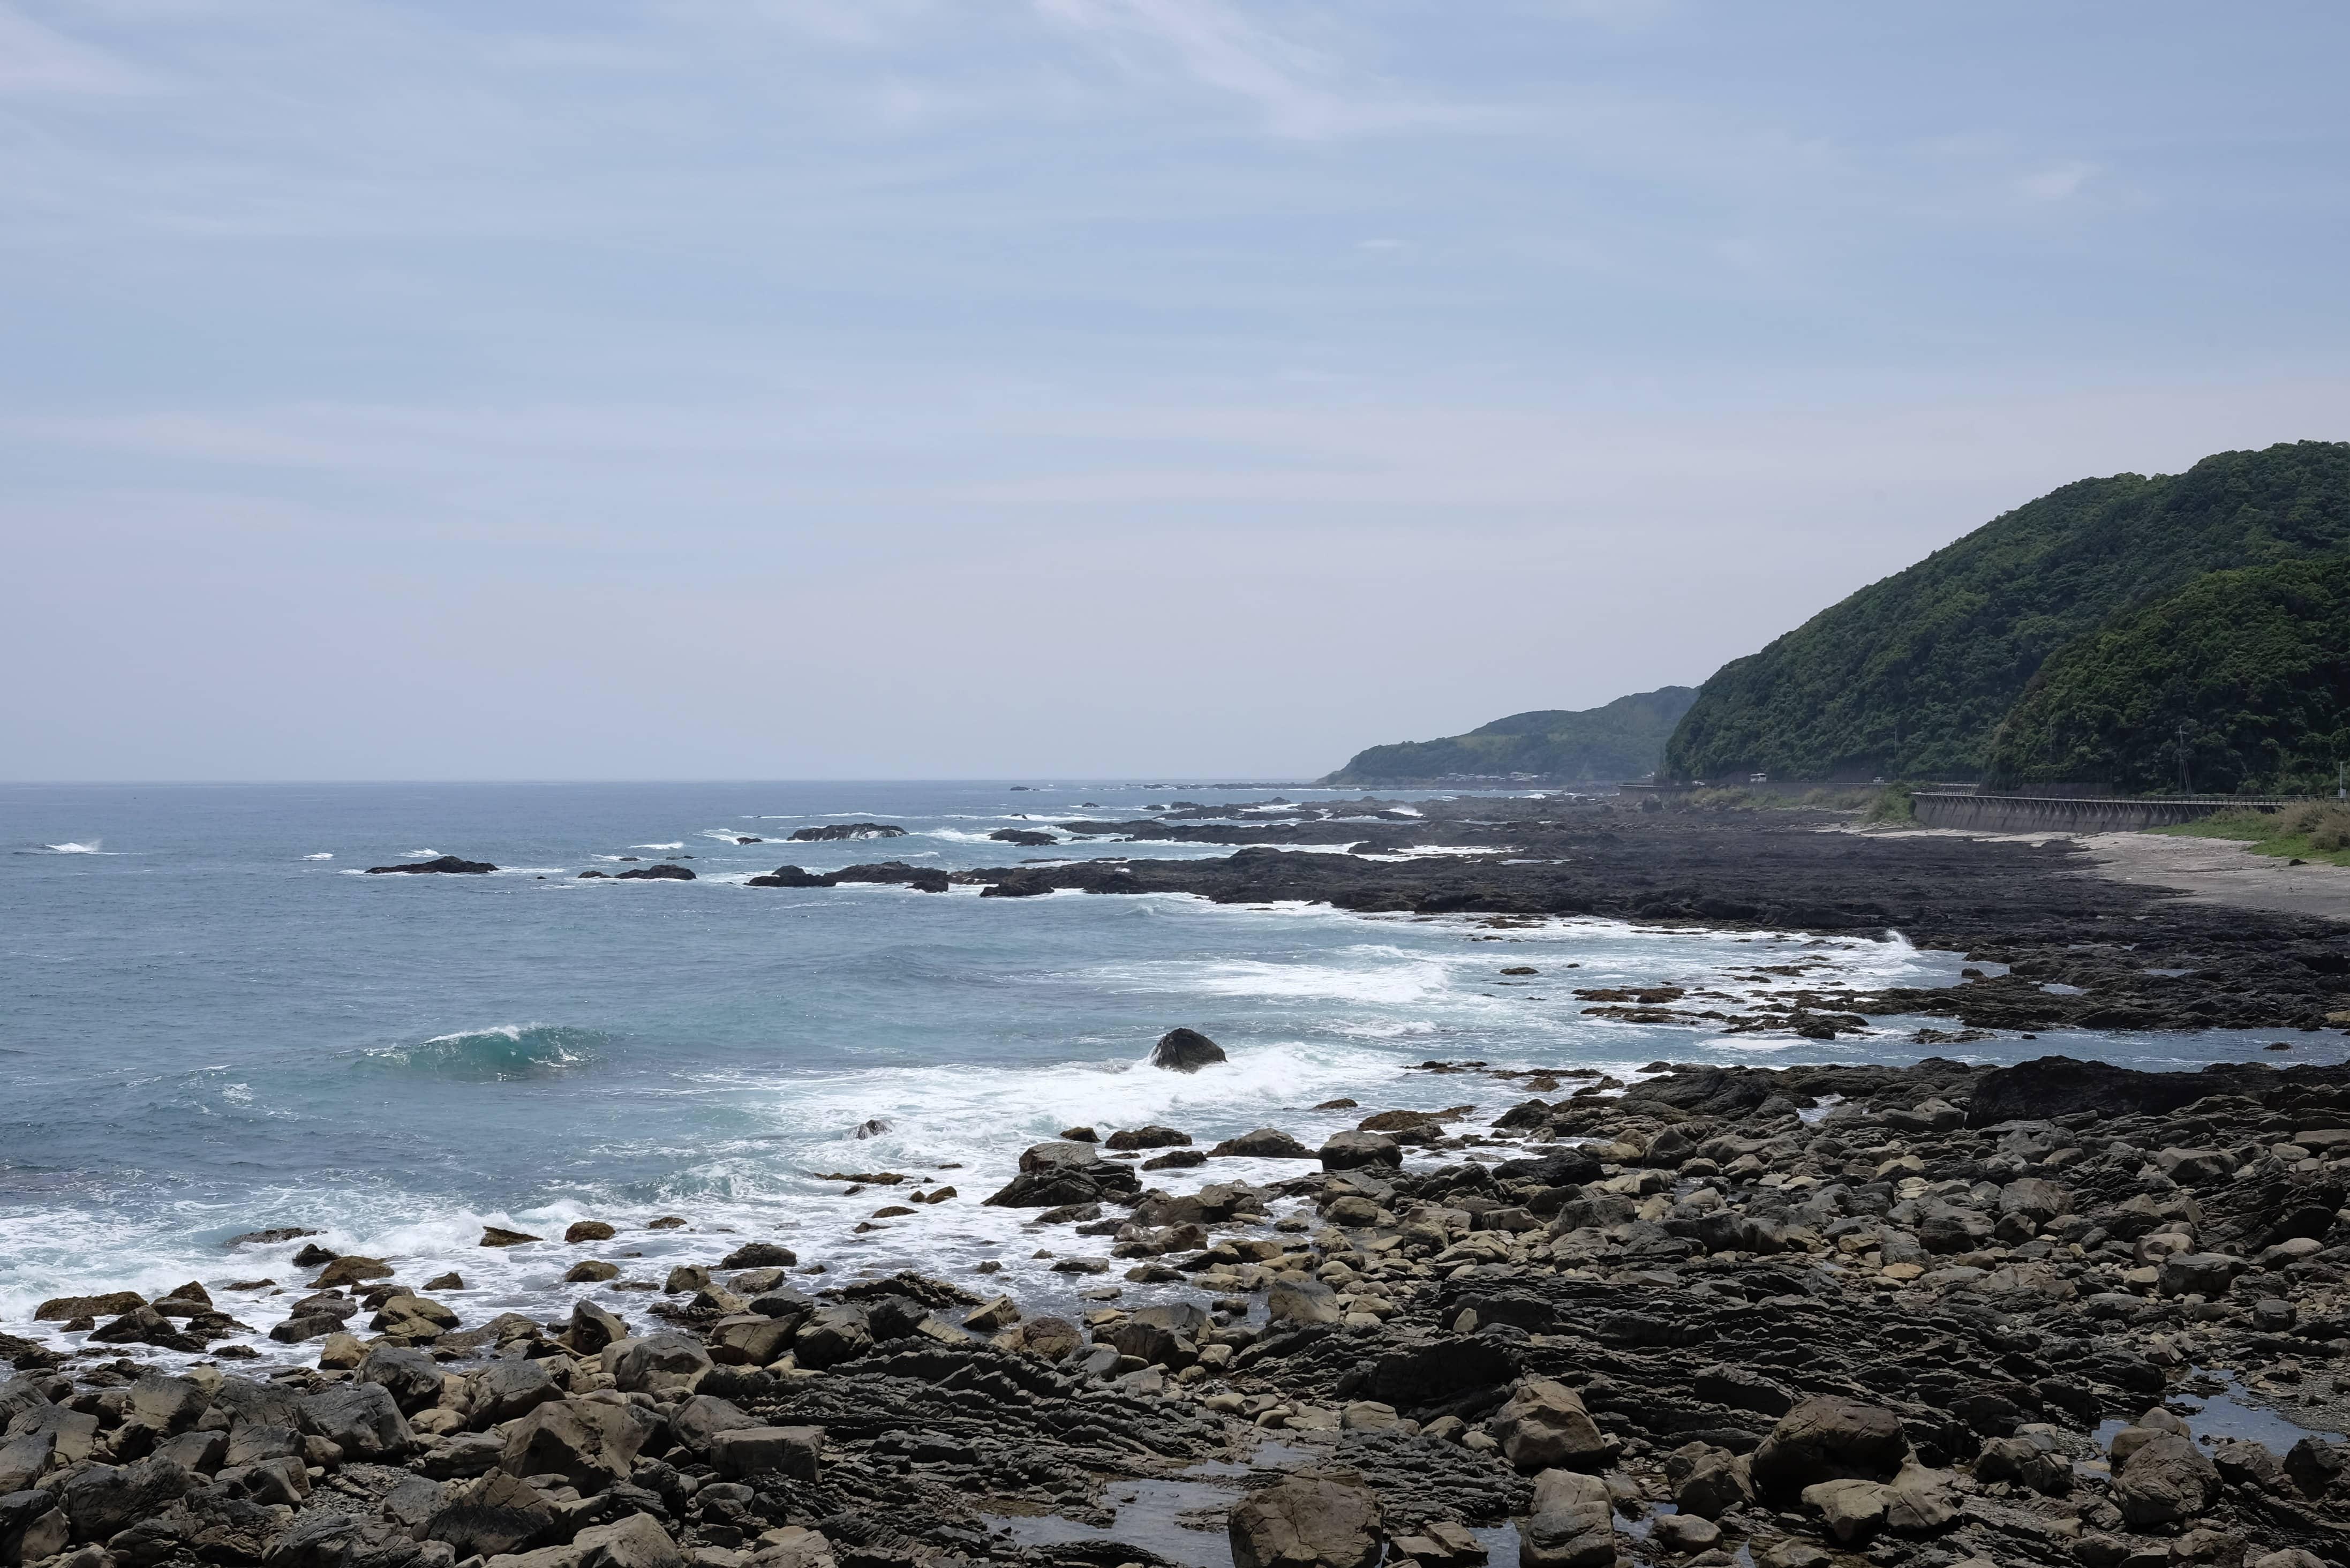 Cape Ino-misaki